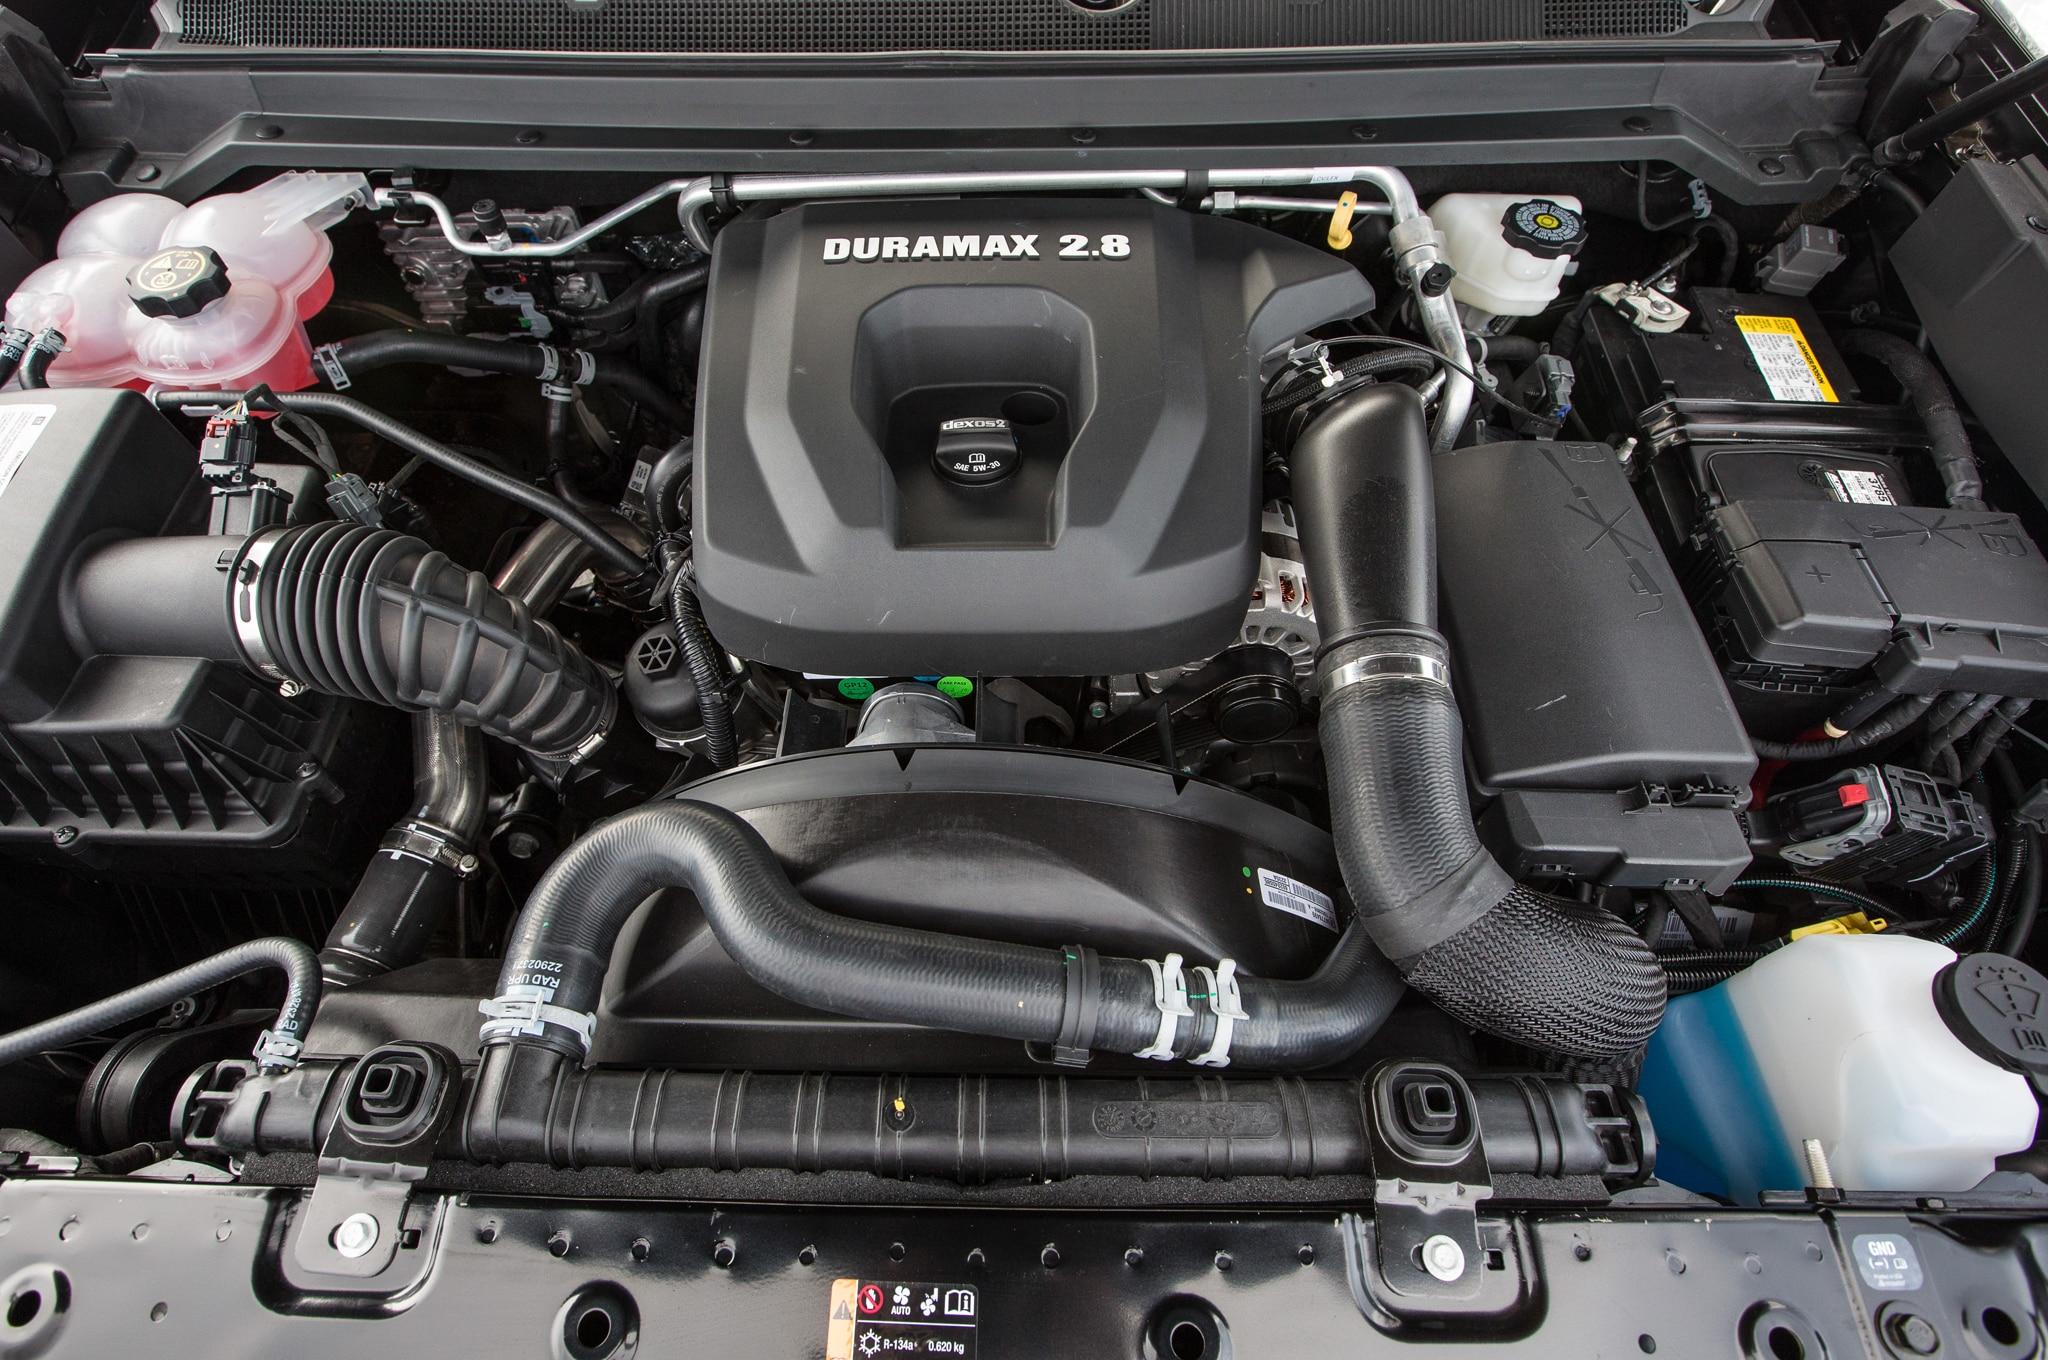 2016 chevrolet colorado z71 duramax diesel engine motor for Chevy colorado diesel motor